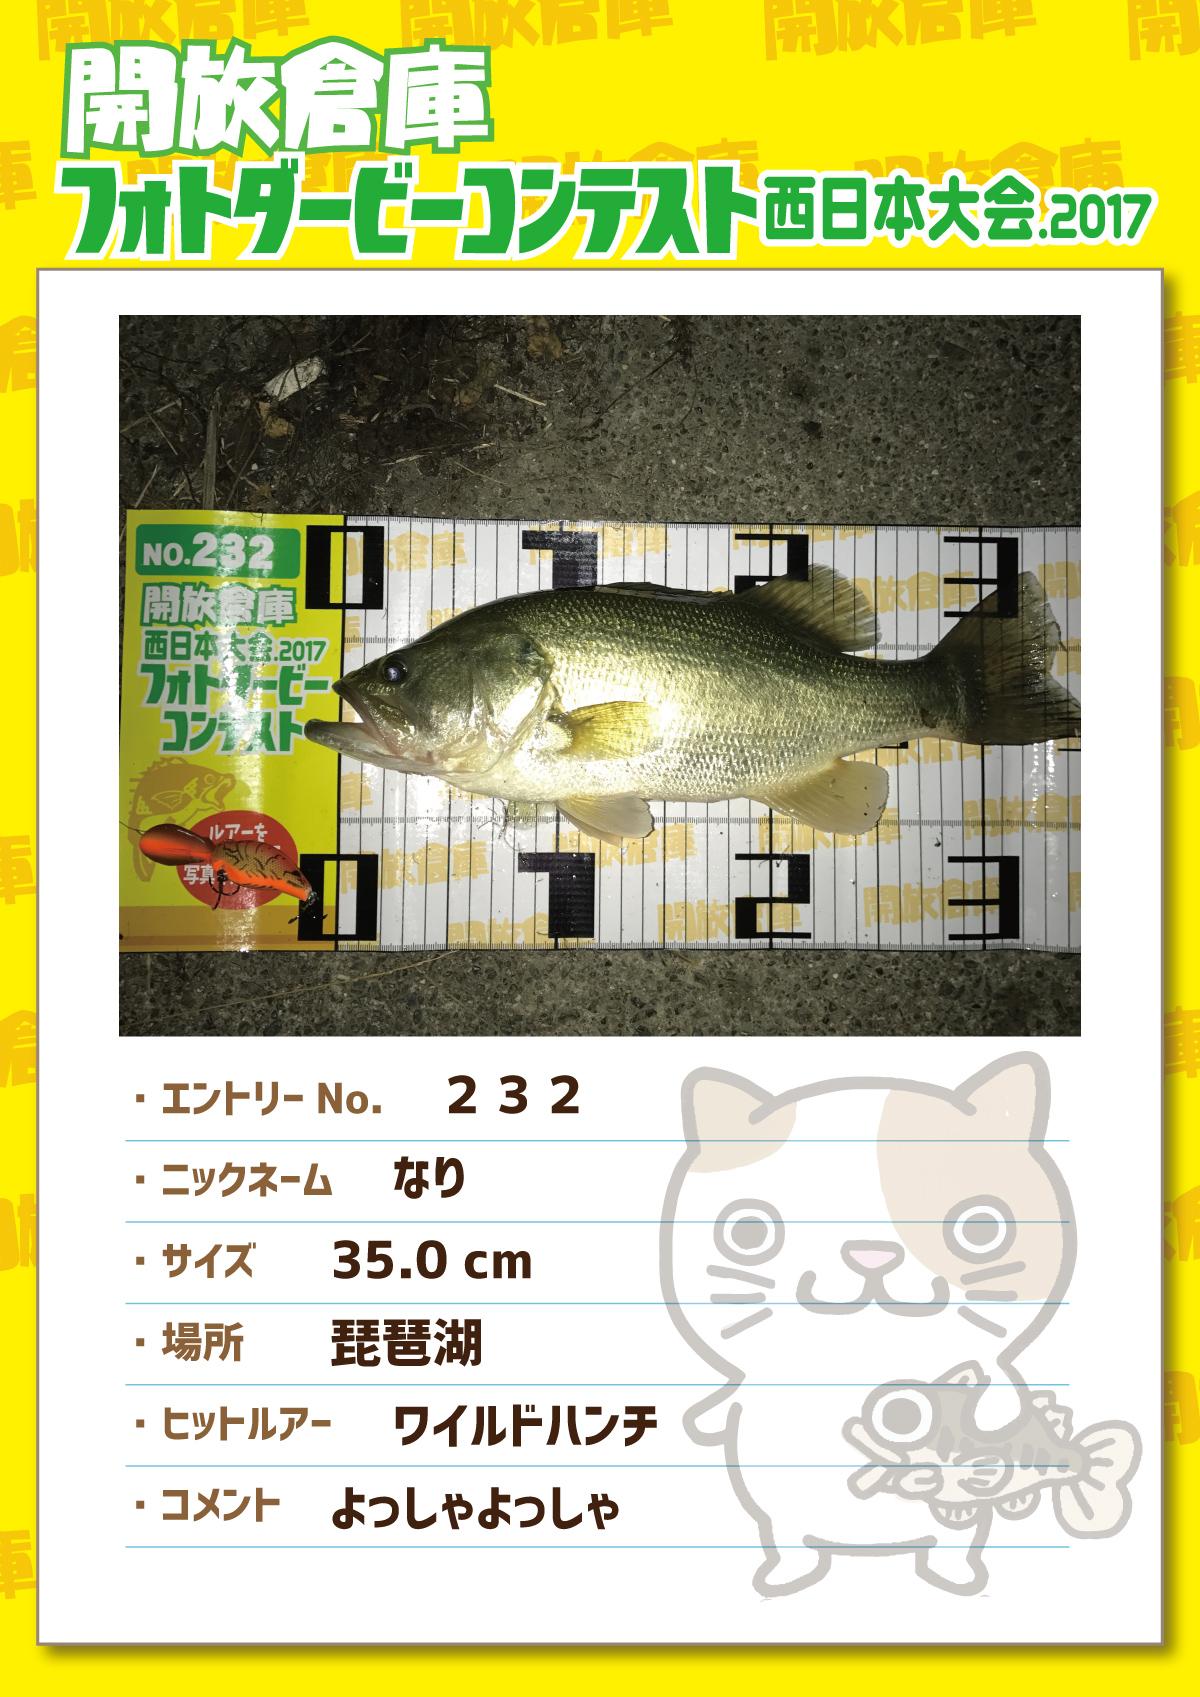 No.232 なり 35.0cm 琵琶湖 ワイルドハンチ よっしゃよっしゃ